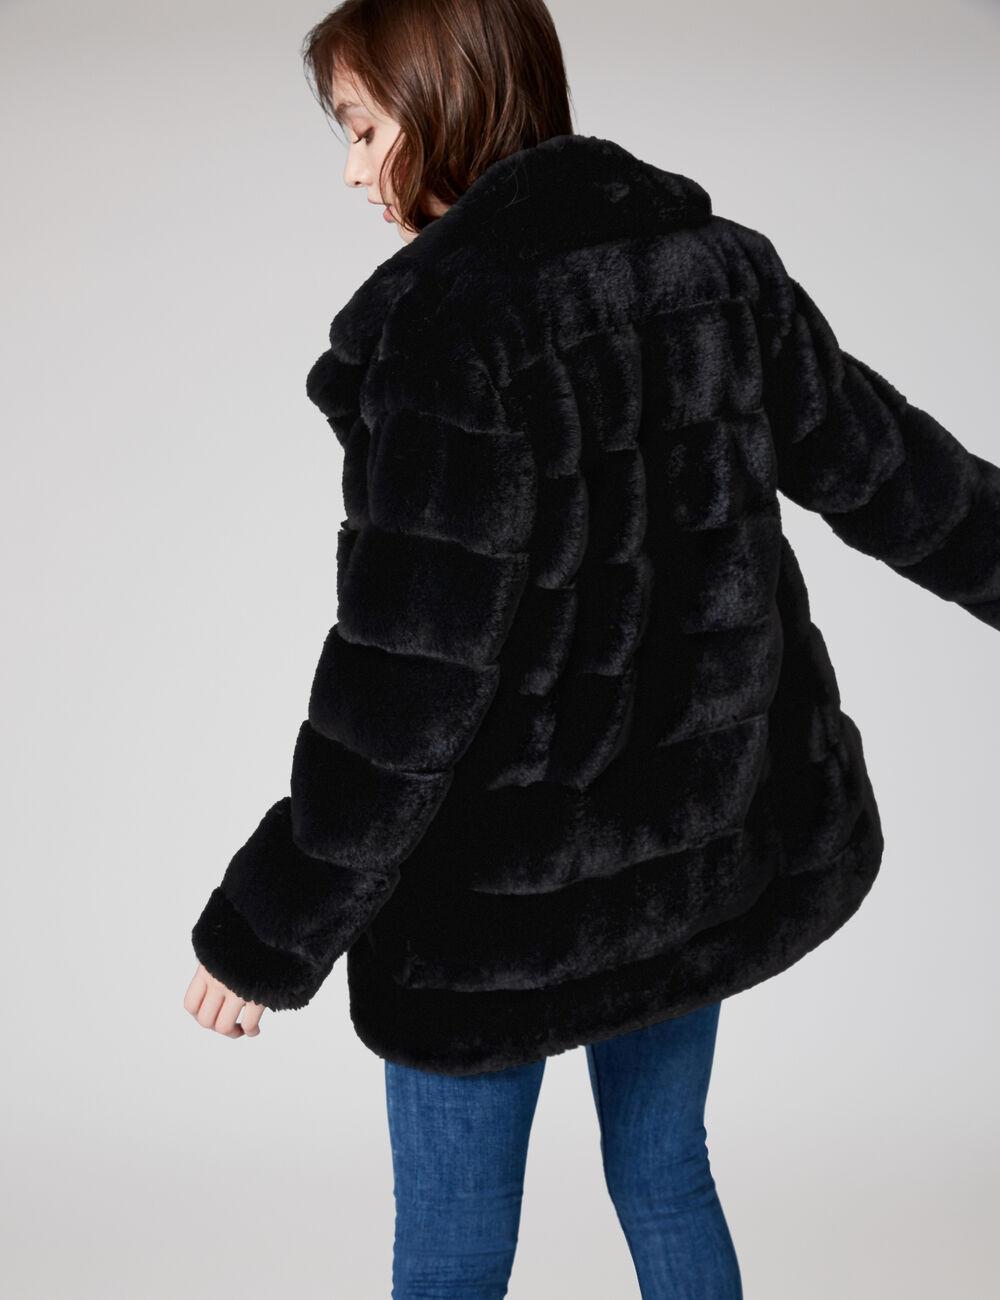 Veste longue imitation fourrure noire femme • Jennyfer 96f7ab6df19